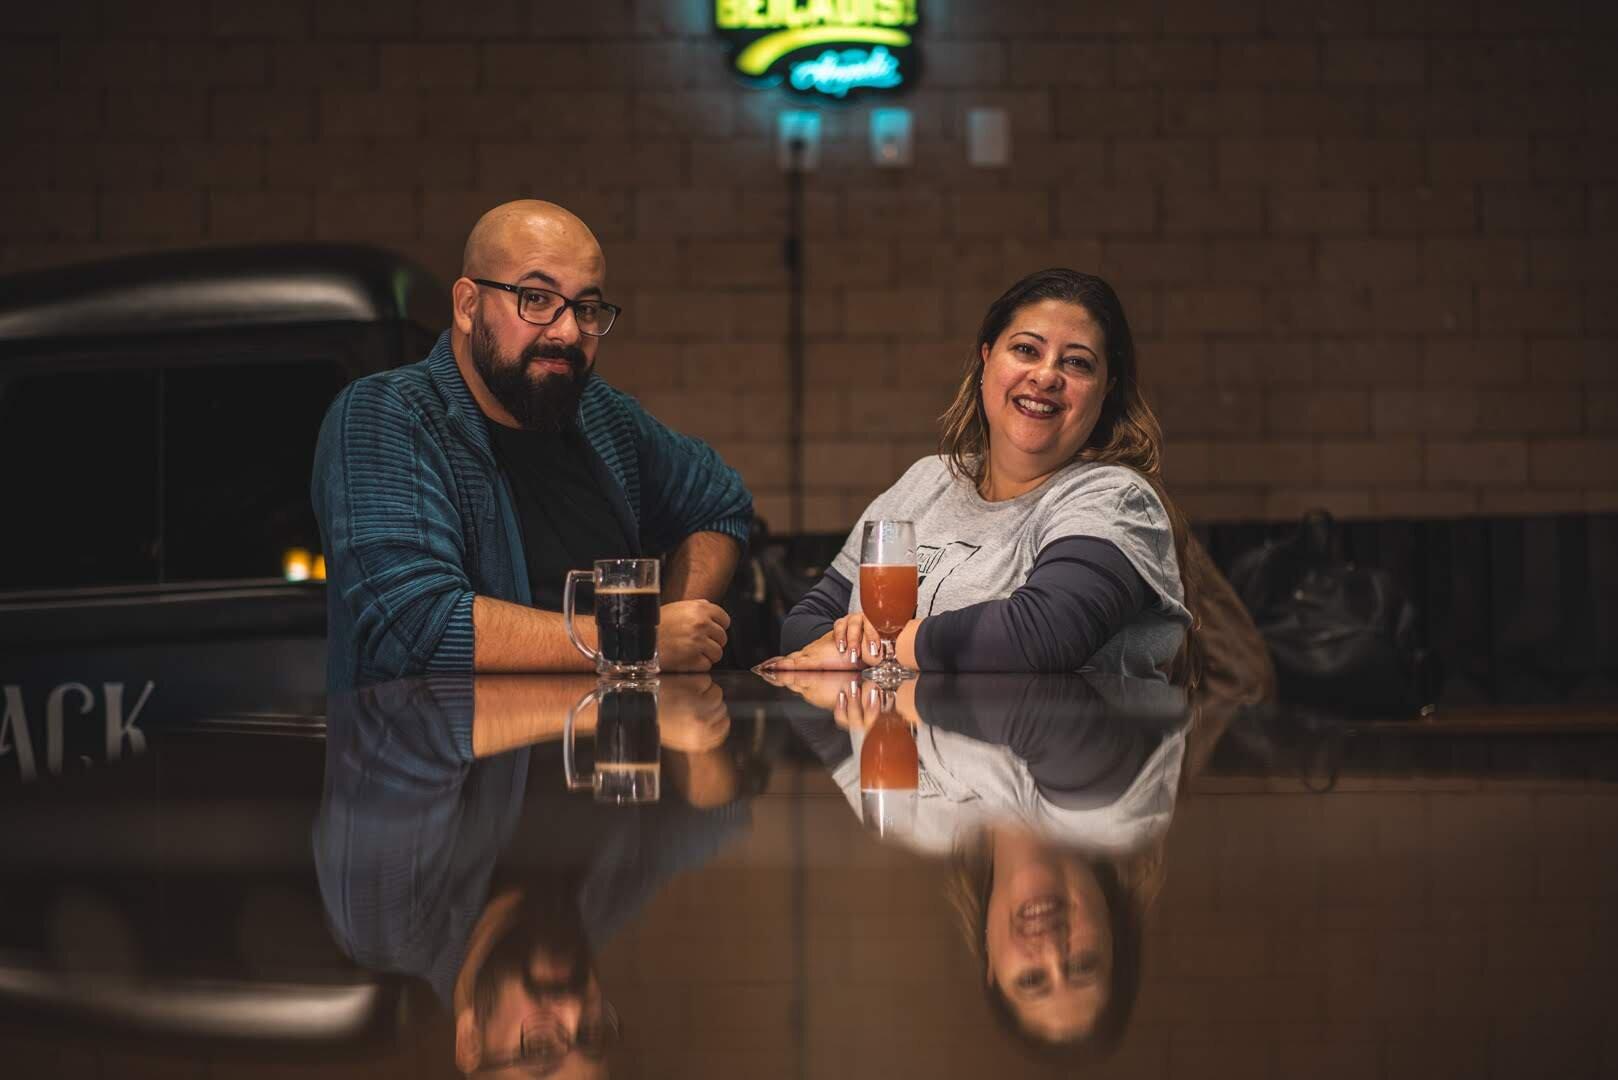 Marcus Paranhos e Márcia Guimarães produzem conteúdo especializado em cerveja, turismo de experiência, gastronomia e lifestyle (Foto: Nelson Saldanha/Divulgação)